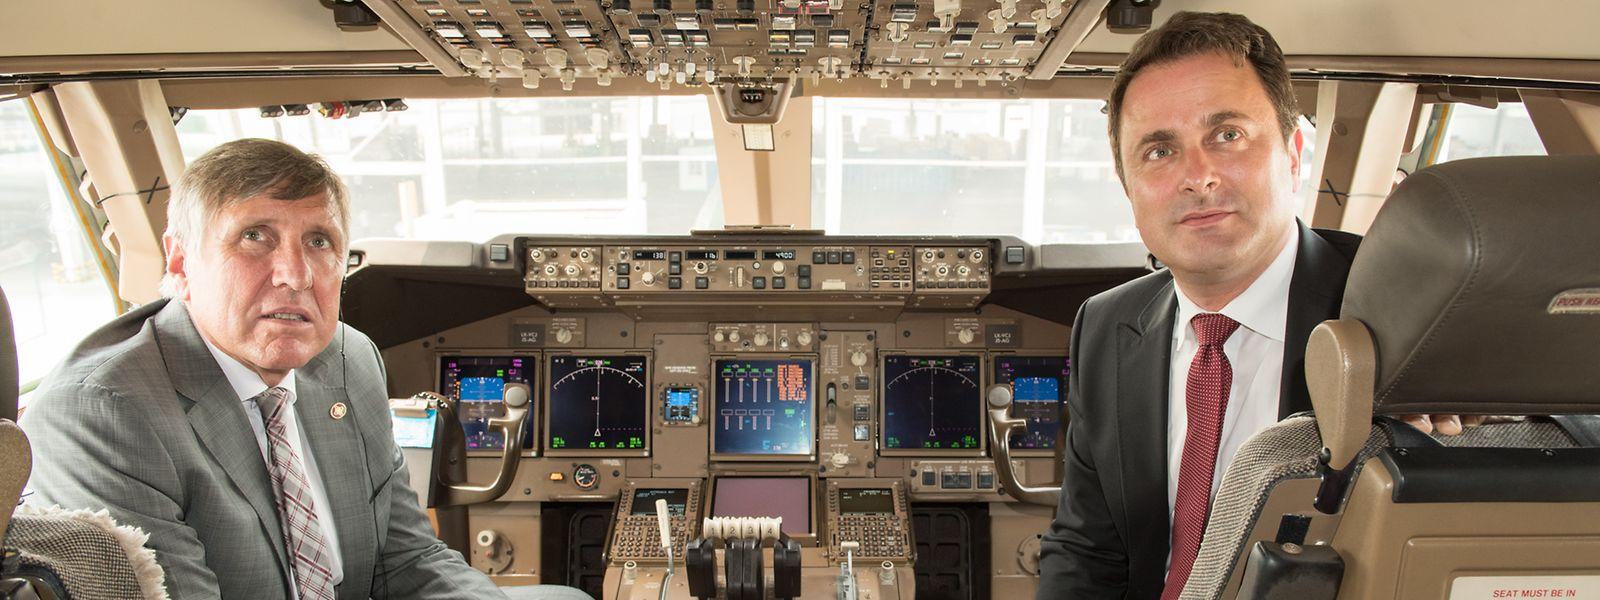 En quelques heures, François Bausch et Xavier Bettel auront dû voler au secours de la nouvelle présidente du CA de Cargolux. Décollage délicat...